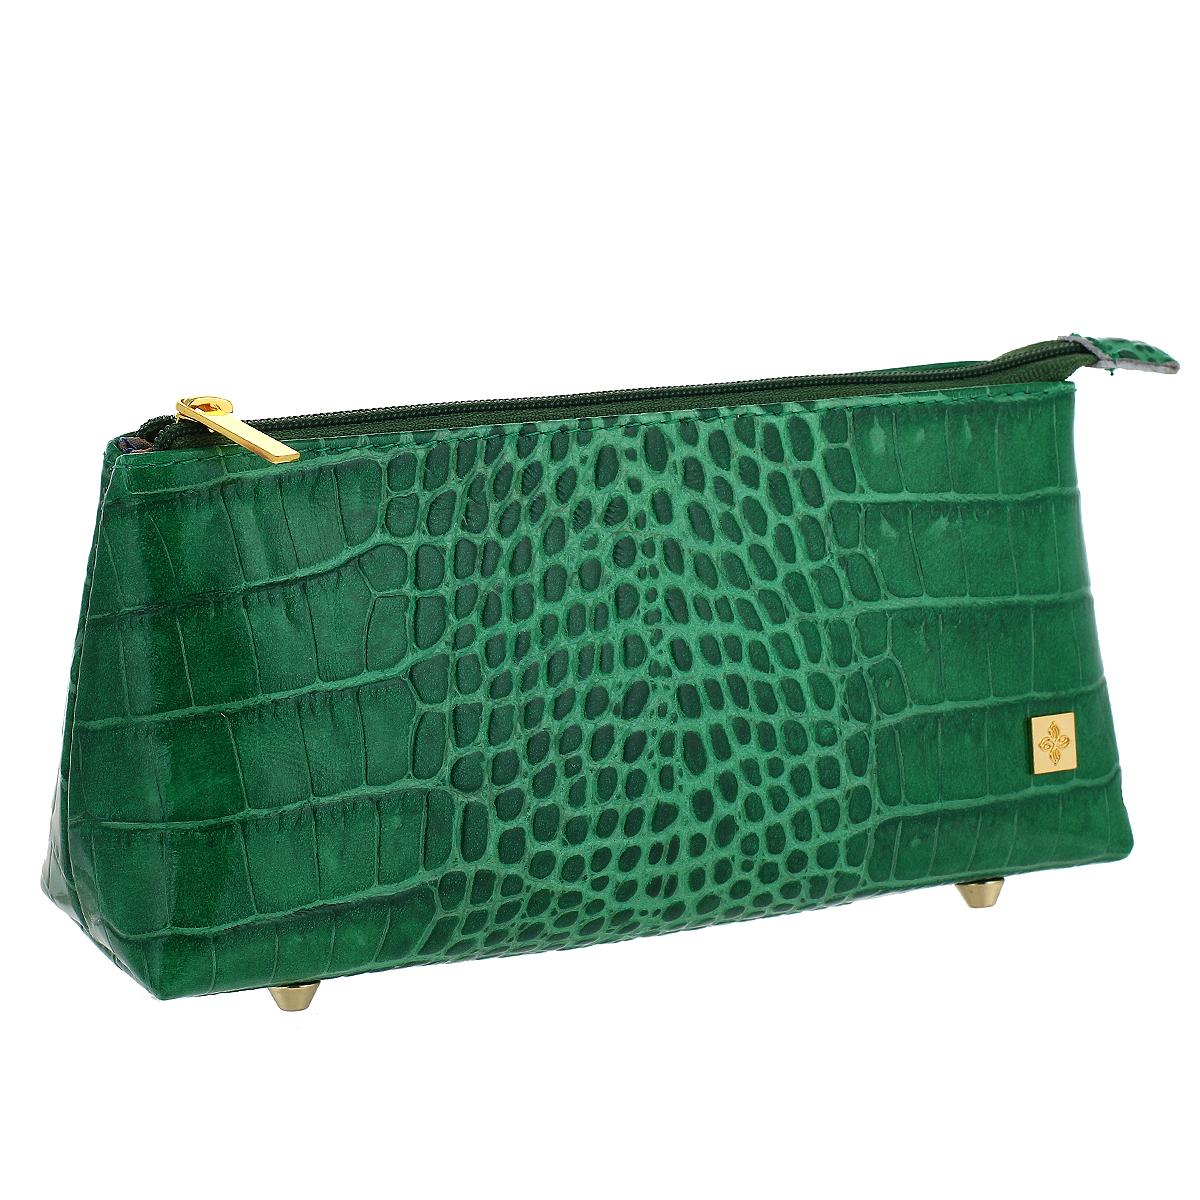 Косметичка Dimanche Казино, цвет: зеленый. 707INT-06501Косметичка Dimanche Казино изготовлена из высококачественной натуральной кожи с декоративным тиснением под рептилию. Внутренняя поверхность отделена шелковистым текстилем. Закрывается на застежку-молнию. На дне расположены четыре металлические ножки. Фурнитура - золотистого цвета. Косметичка Dimanche - яркий стильный аксессуар, который дополнит ваш образ и станет незаменимой вещью для хранения косметики. Благодаря компактным размерам косметичка поместится в любую сумочку.